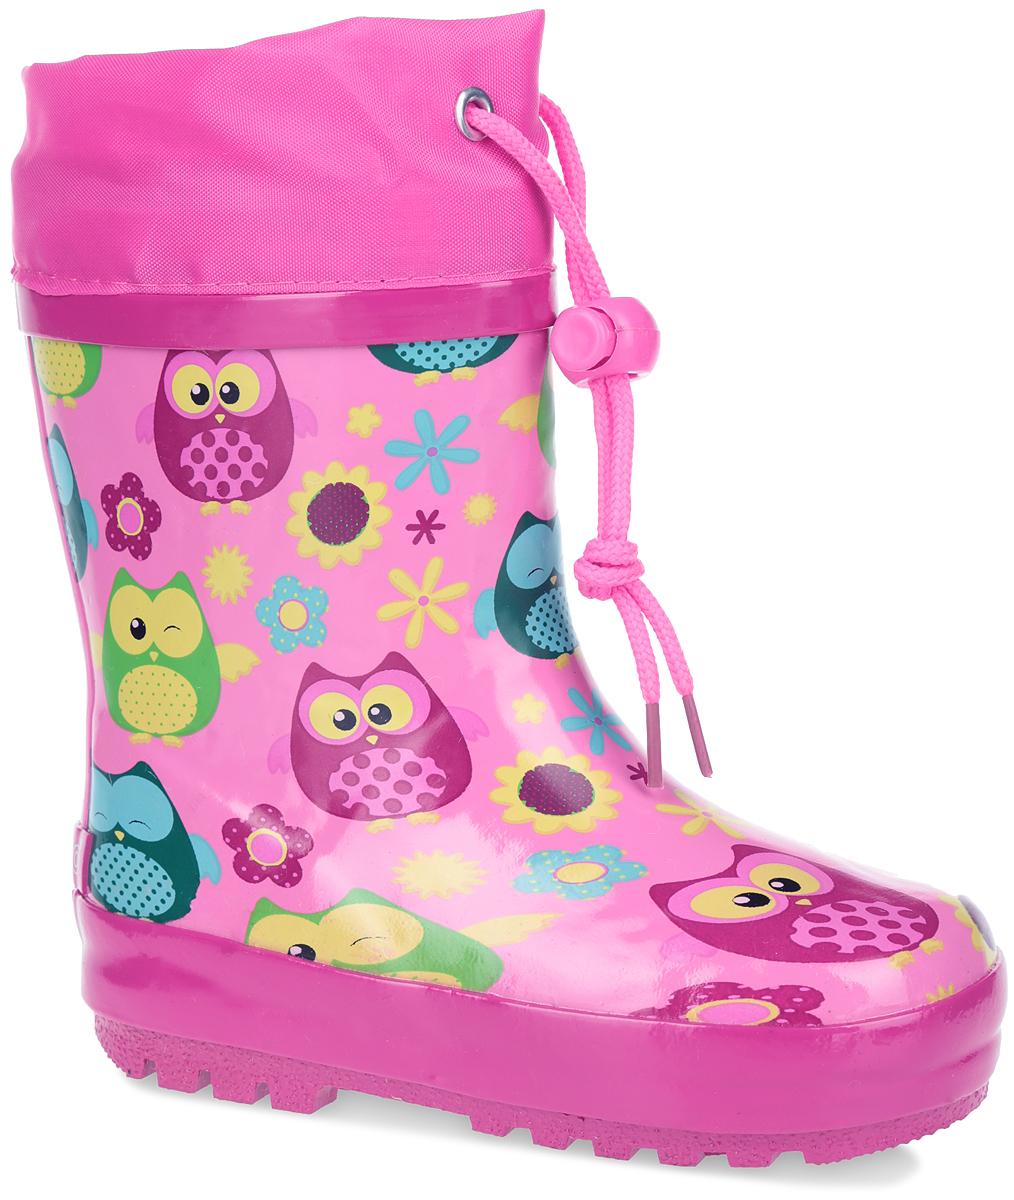 Сапоги резиновые для девочки Flamingo, цвет: розовый. W5525. Размер 27W5525Утепленные резиновые сапожки Flamingo для девочек - идеальная обувь в дождливую погоду. Сапоги выполнены из качественной резины и оформлены по верху красочными изображениями. Верх голенища дополнен вставкой из текстиля и шнурком с фиксатором, который надежно зафиксирует модель на ноге и отрегулирует объем. Подкладка, изготовленная из шерсти, и стелька из ЭВА материала с верхним покрытием из шерсти защитят ножки ребенка от холода и обеспечат уют. Задник декорирован логотипом бренда. Подошва из резины оснащена рифлением для лучшей сцепки с поверхностью.Яркие резиновые сапоги поднимут вам и вашему ребенку настроение в дождливую погоду!